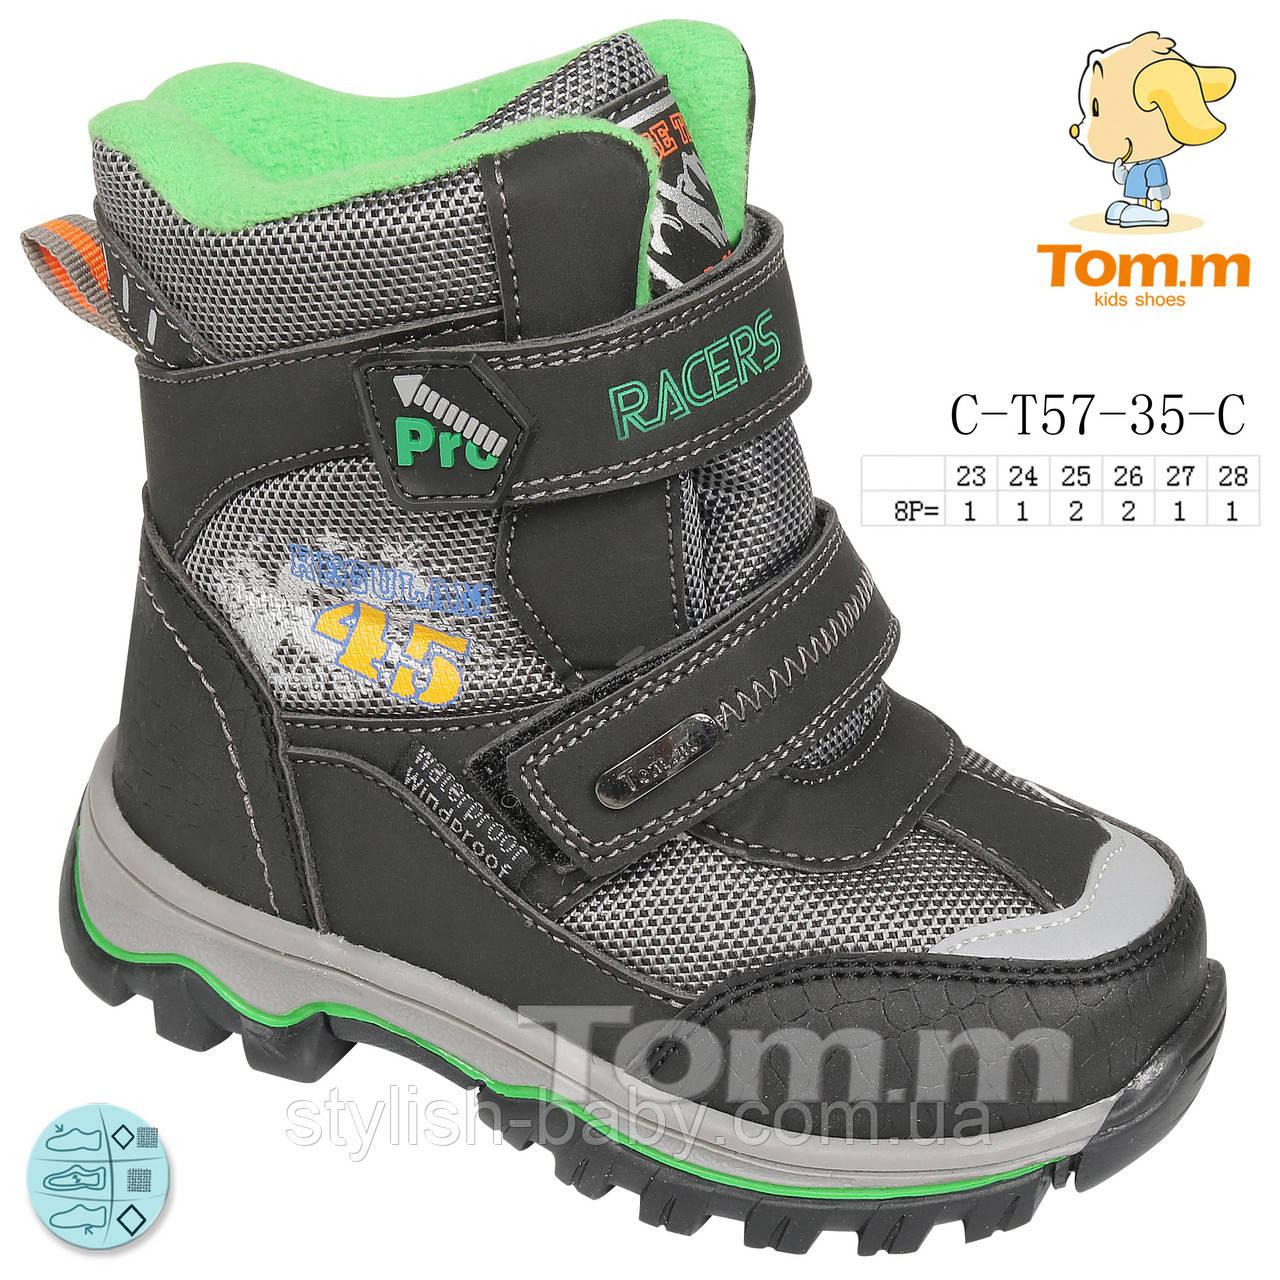 Детская обувь 2019 оптом. Детская зимняя обувь бренда Tom.m для мальчиков (рр. с 23 по 28)